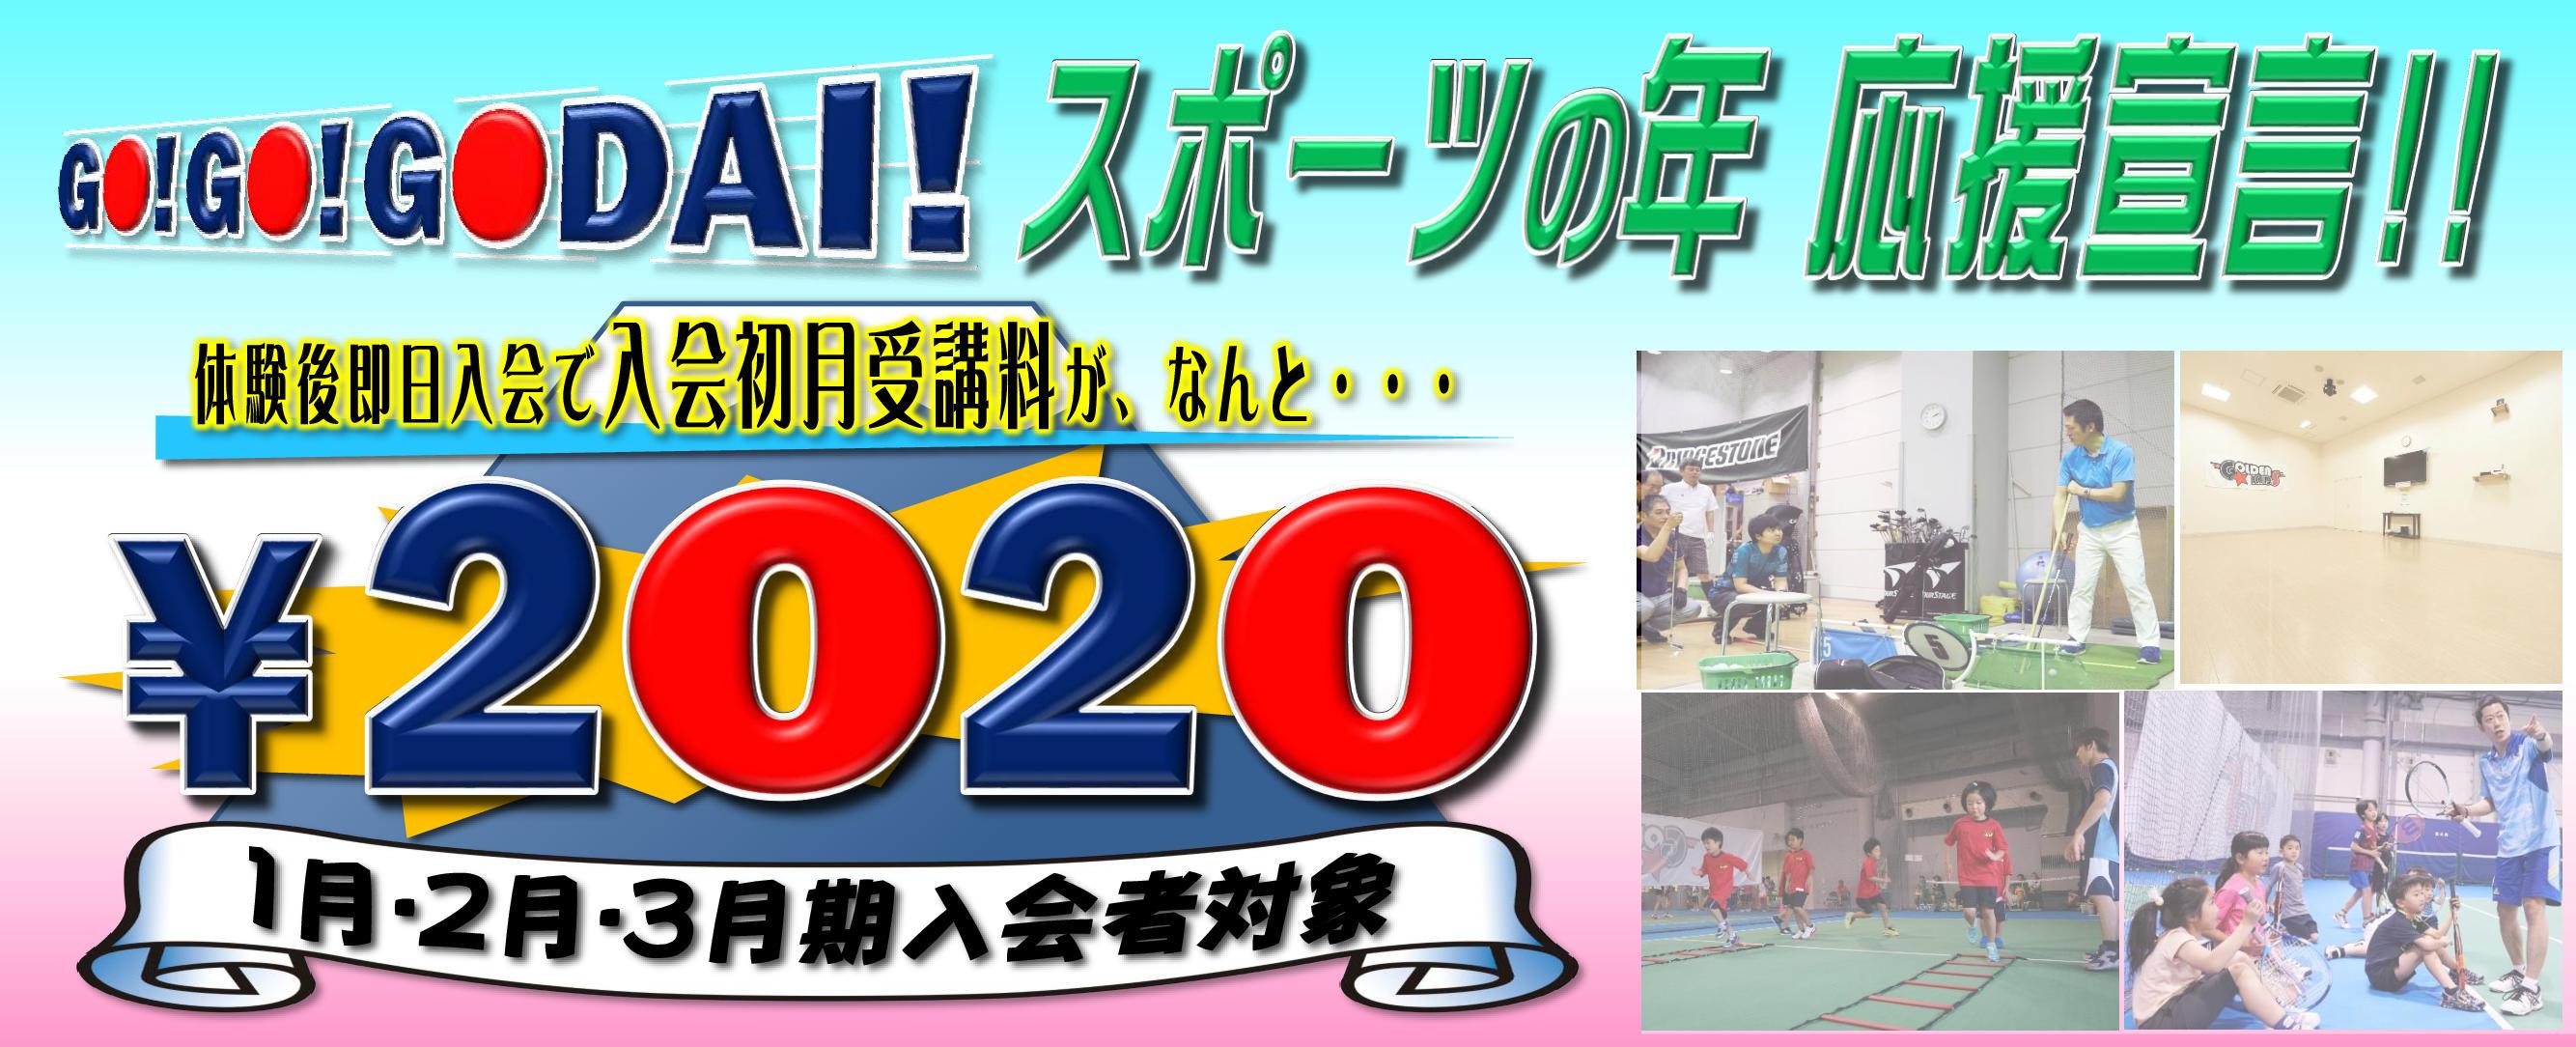 スポーツの年応援宣言2020円キャンペーン